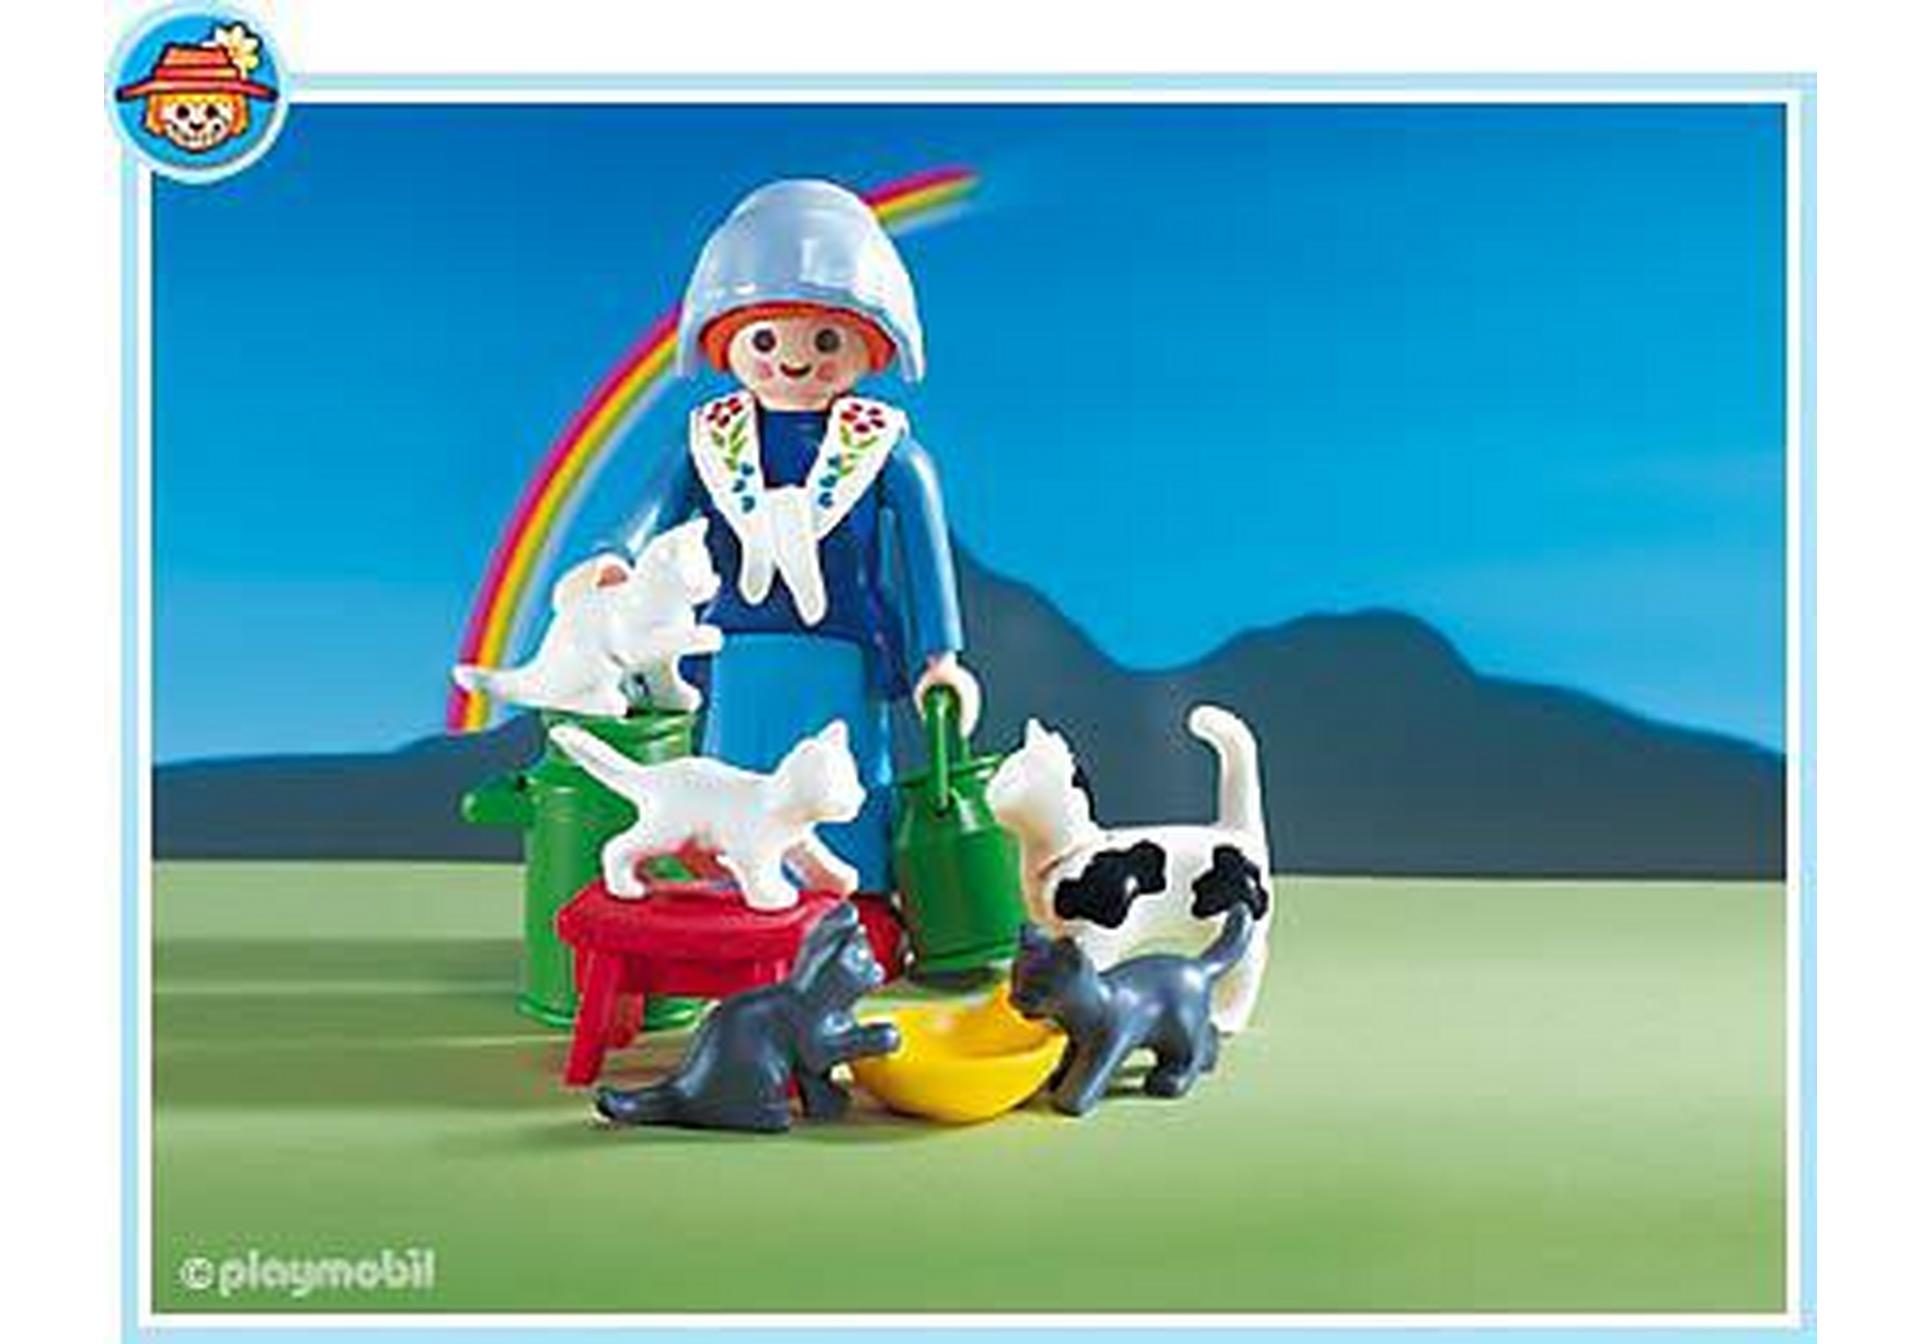 Katzenfamilie 3007 a playmobil deutschland for Jugendzimmer playmobil